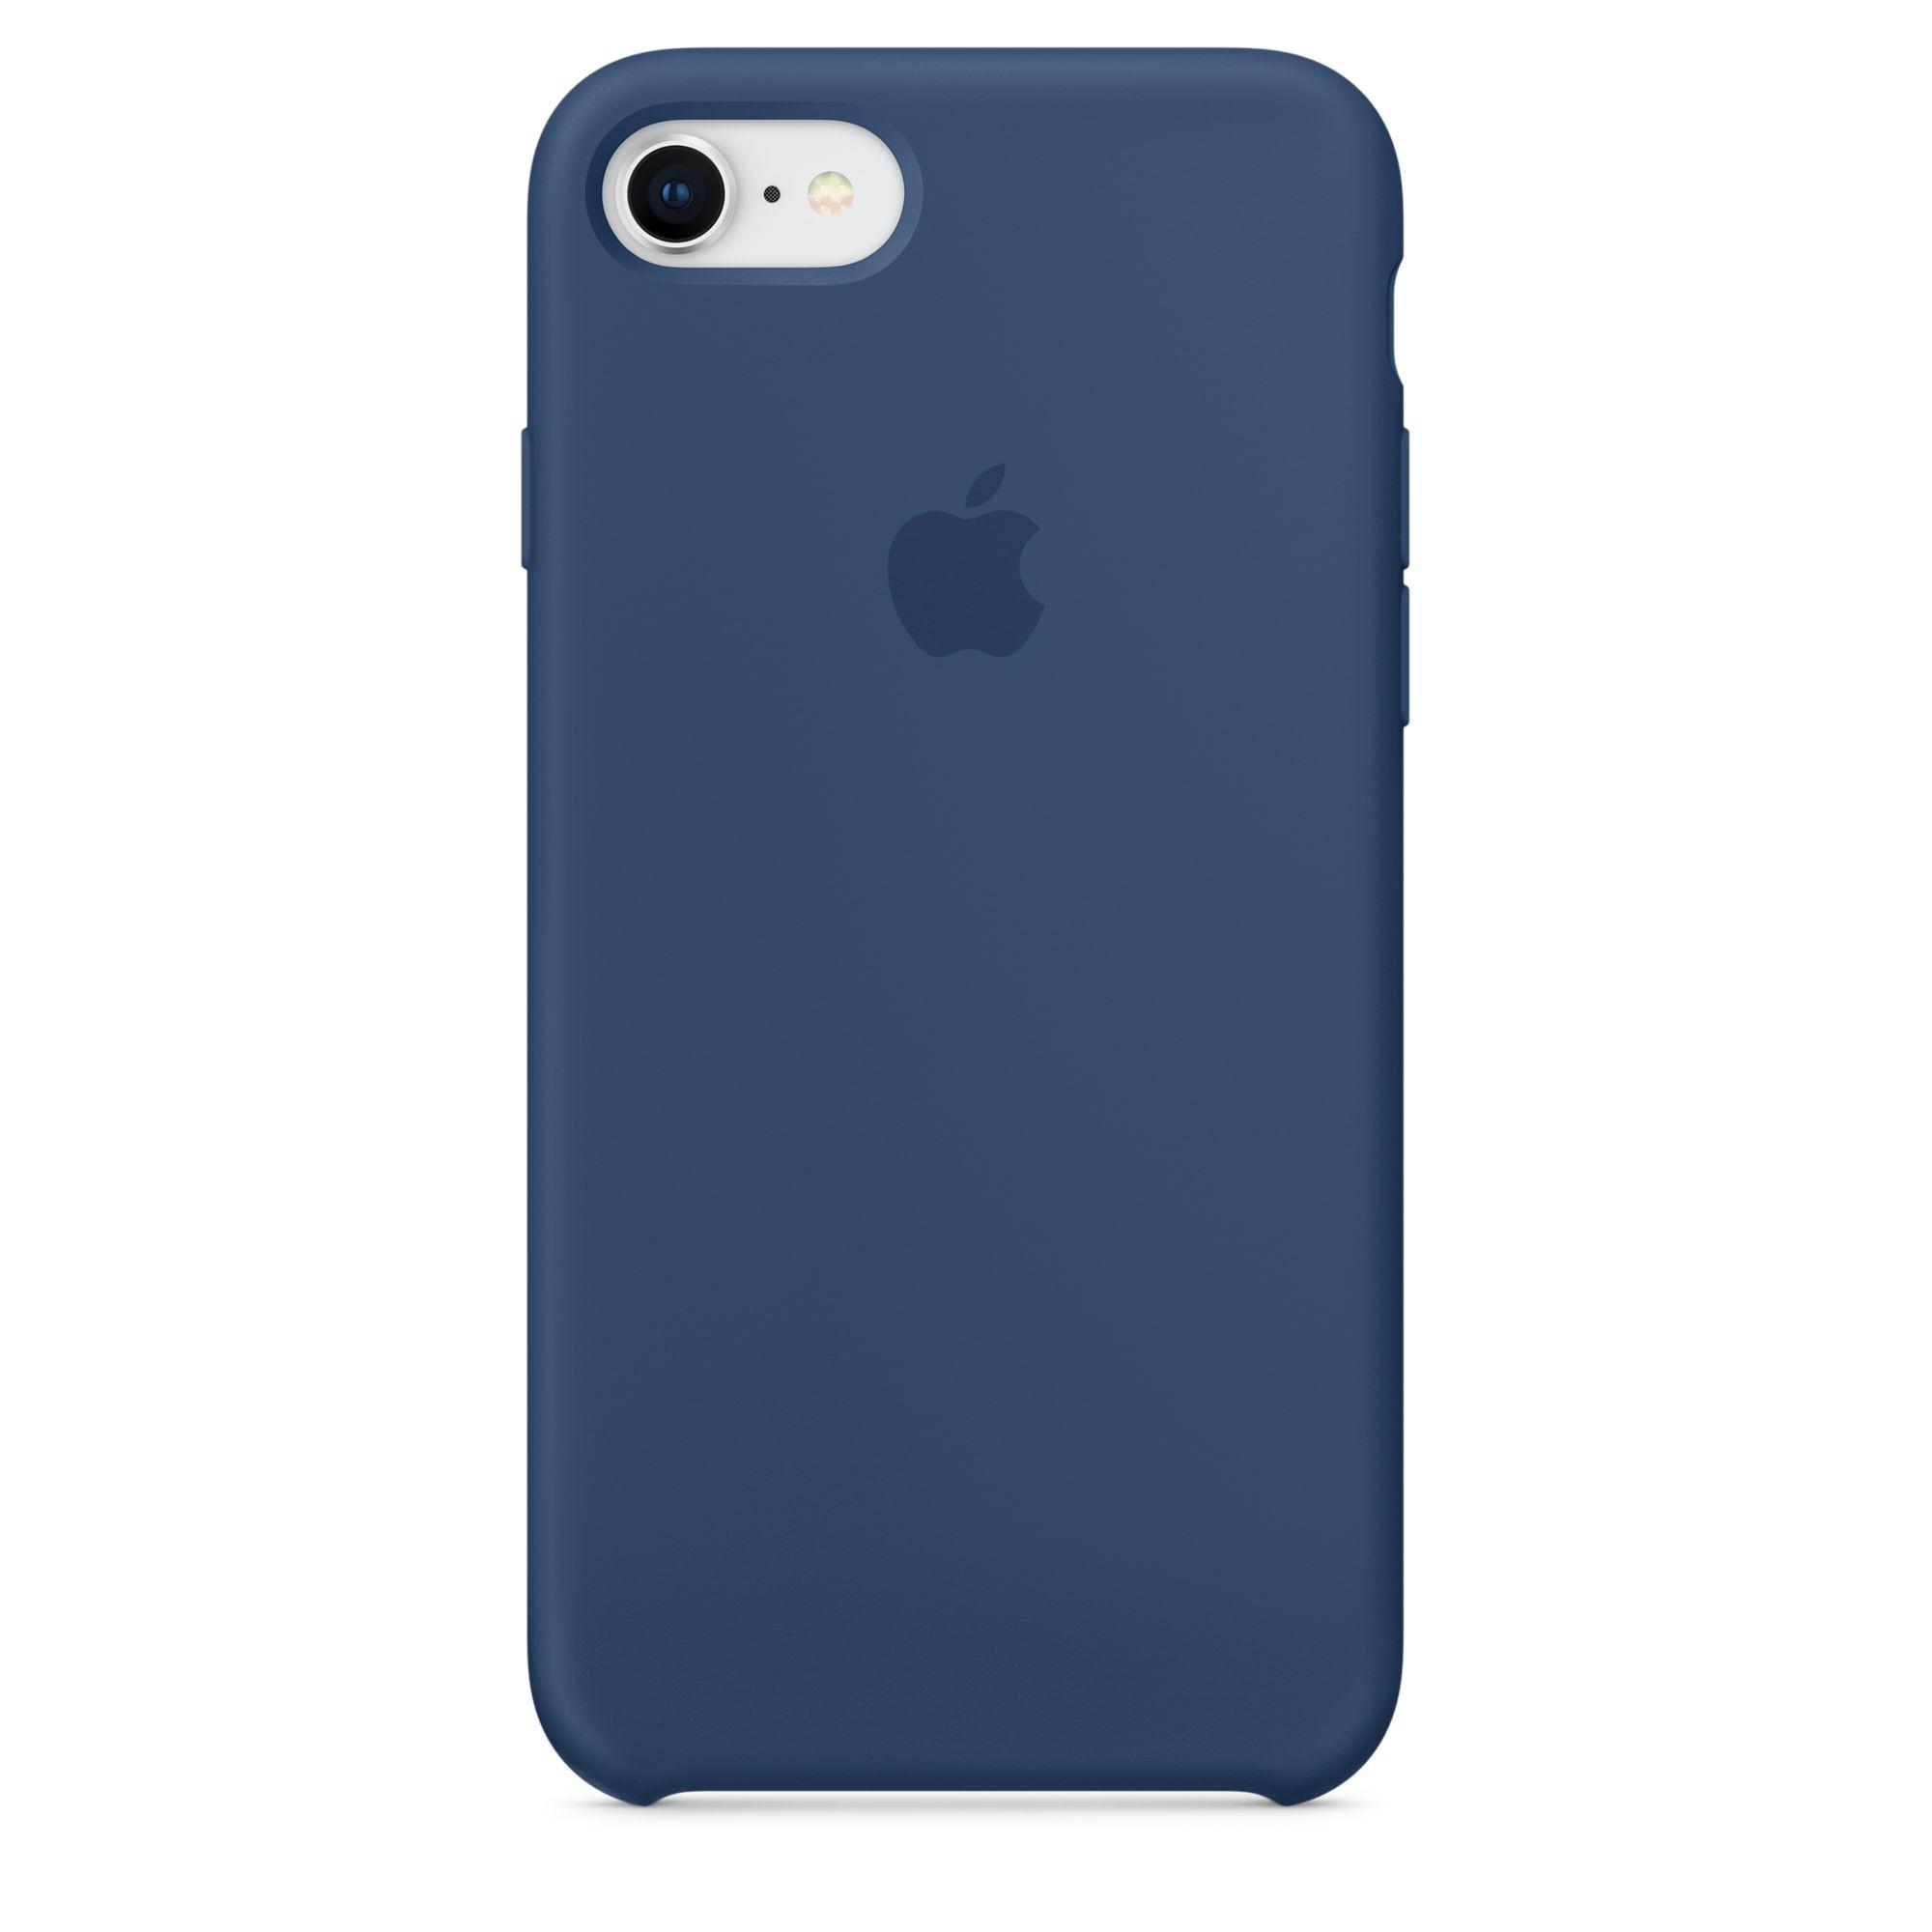 Apple silikonový kryt na iPhone 8 / 7 – kobaltově modrý